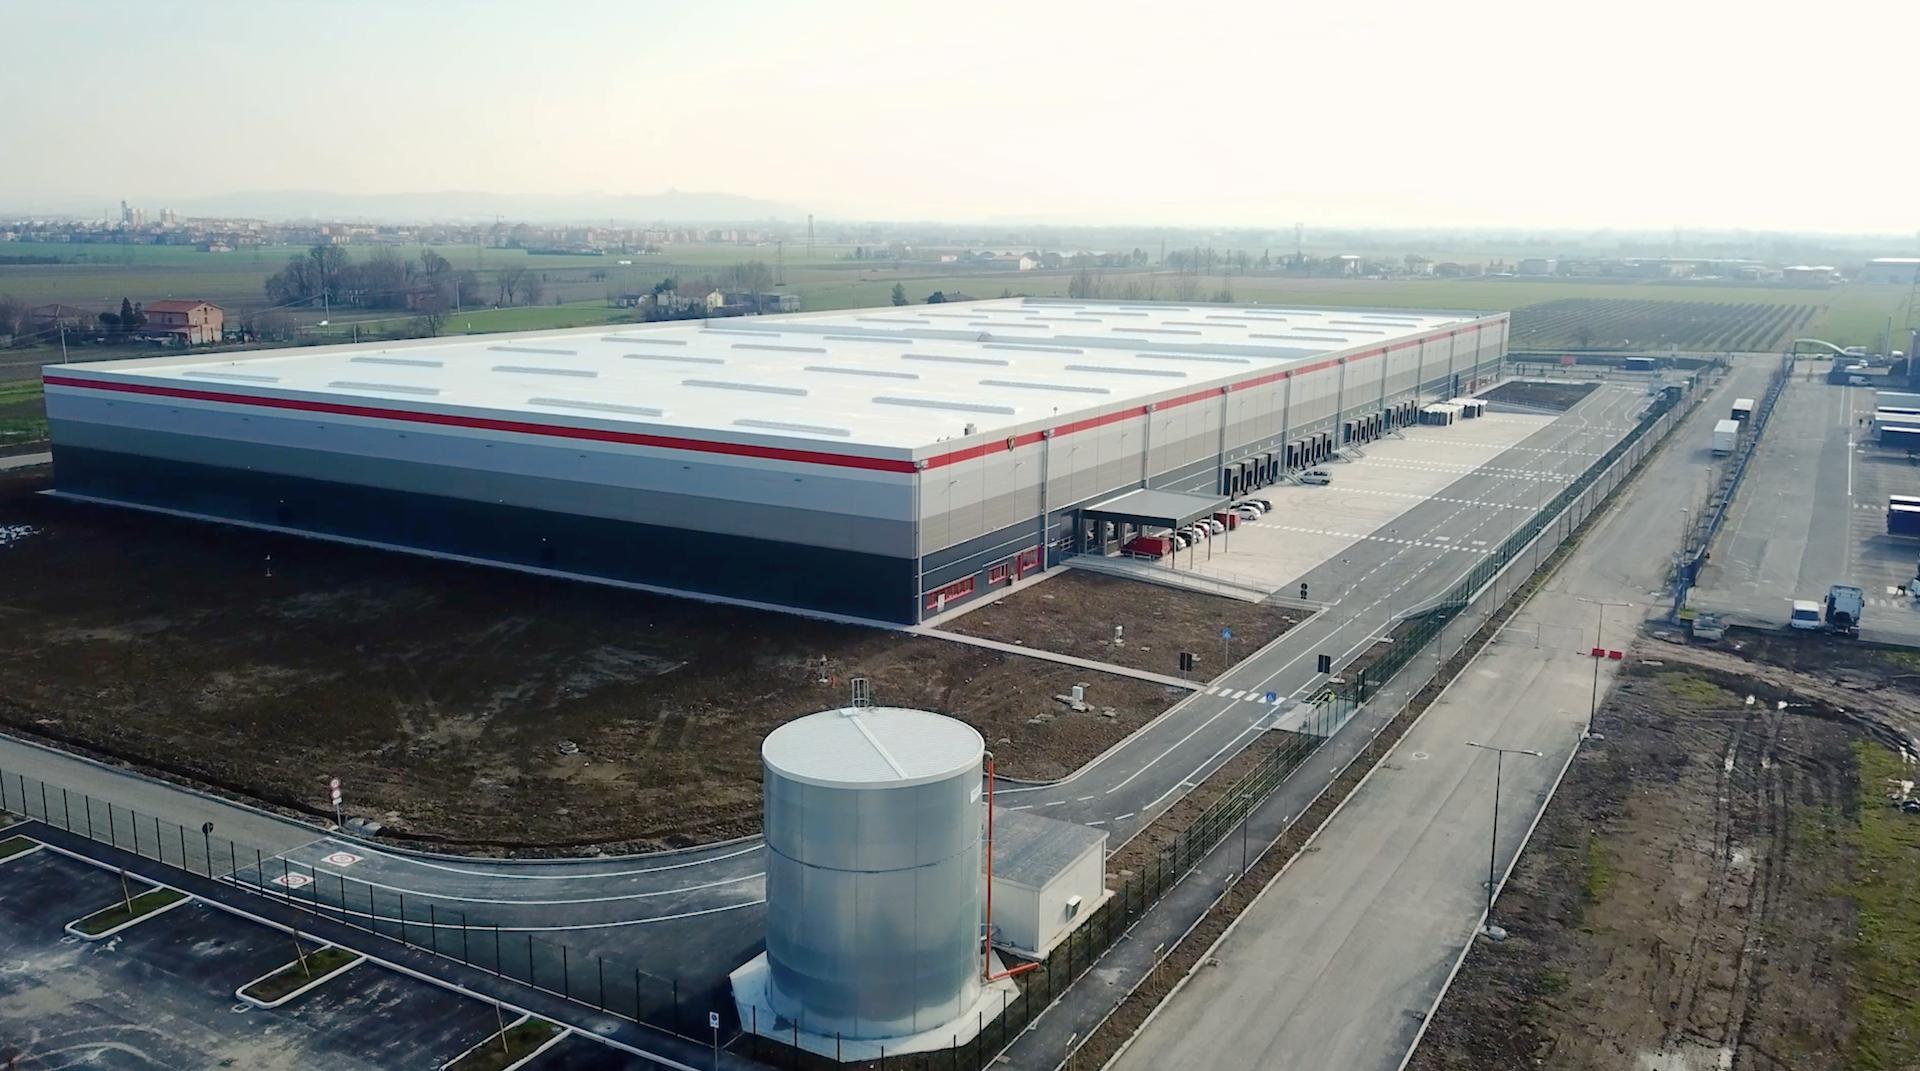 Ducati e Lamborghini già operativi nel loro nuovo hub logistico da 30 mila metri quadrati.